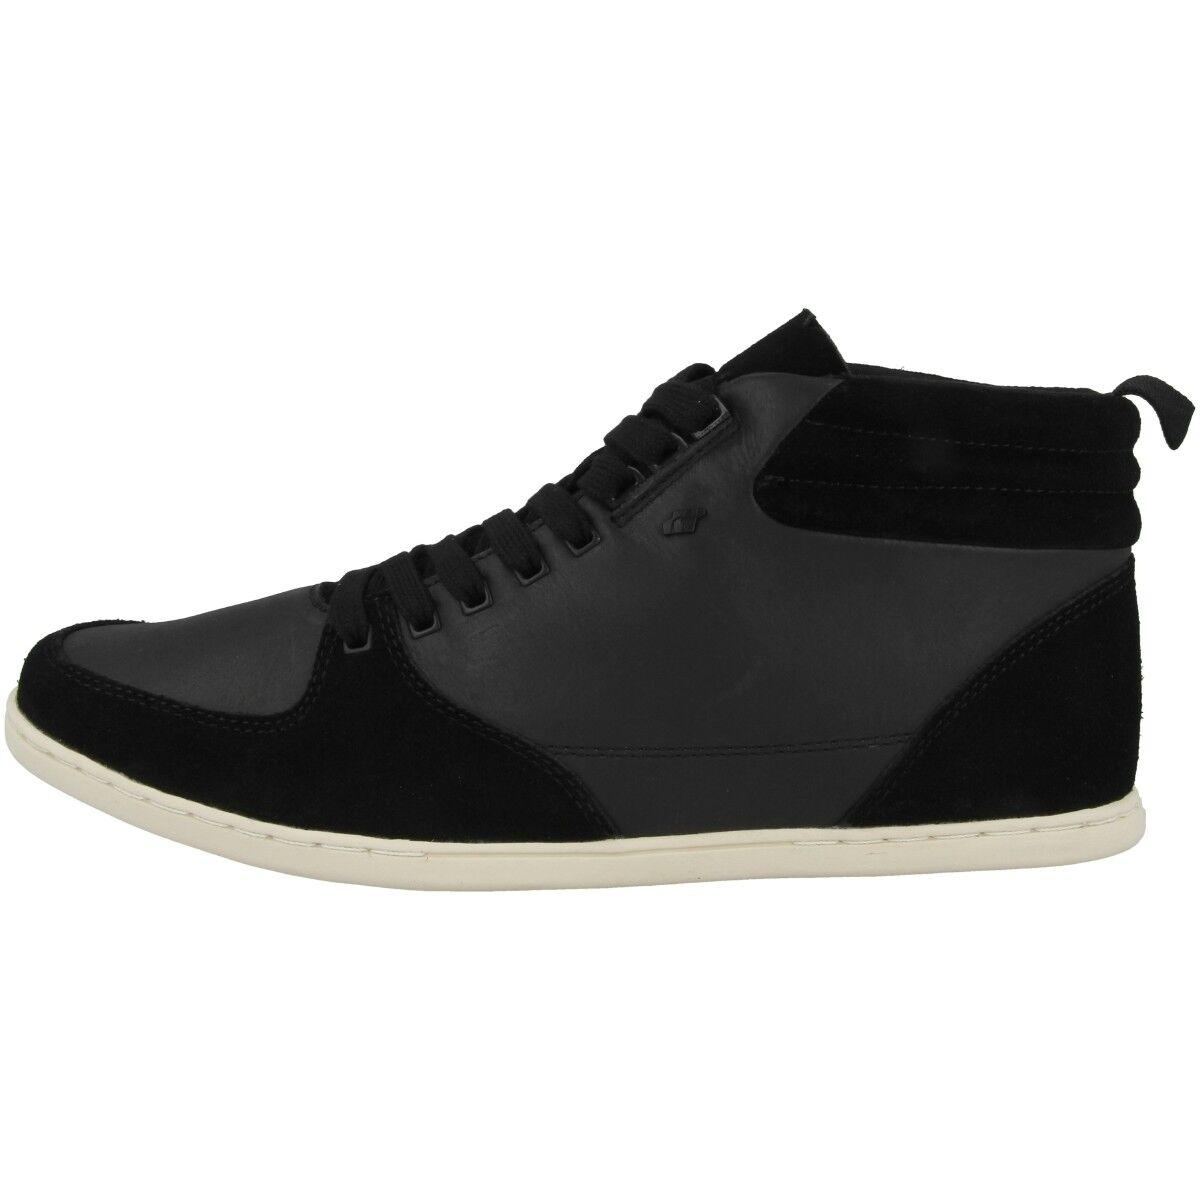 Boxfresh Eplett SH Leather Schuhe Herren Mid Cut Freizeit Turnschuhe schwarz E15273